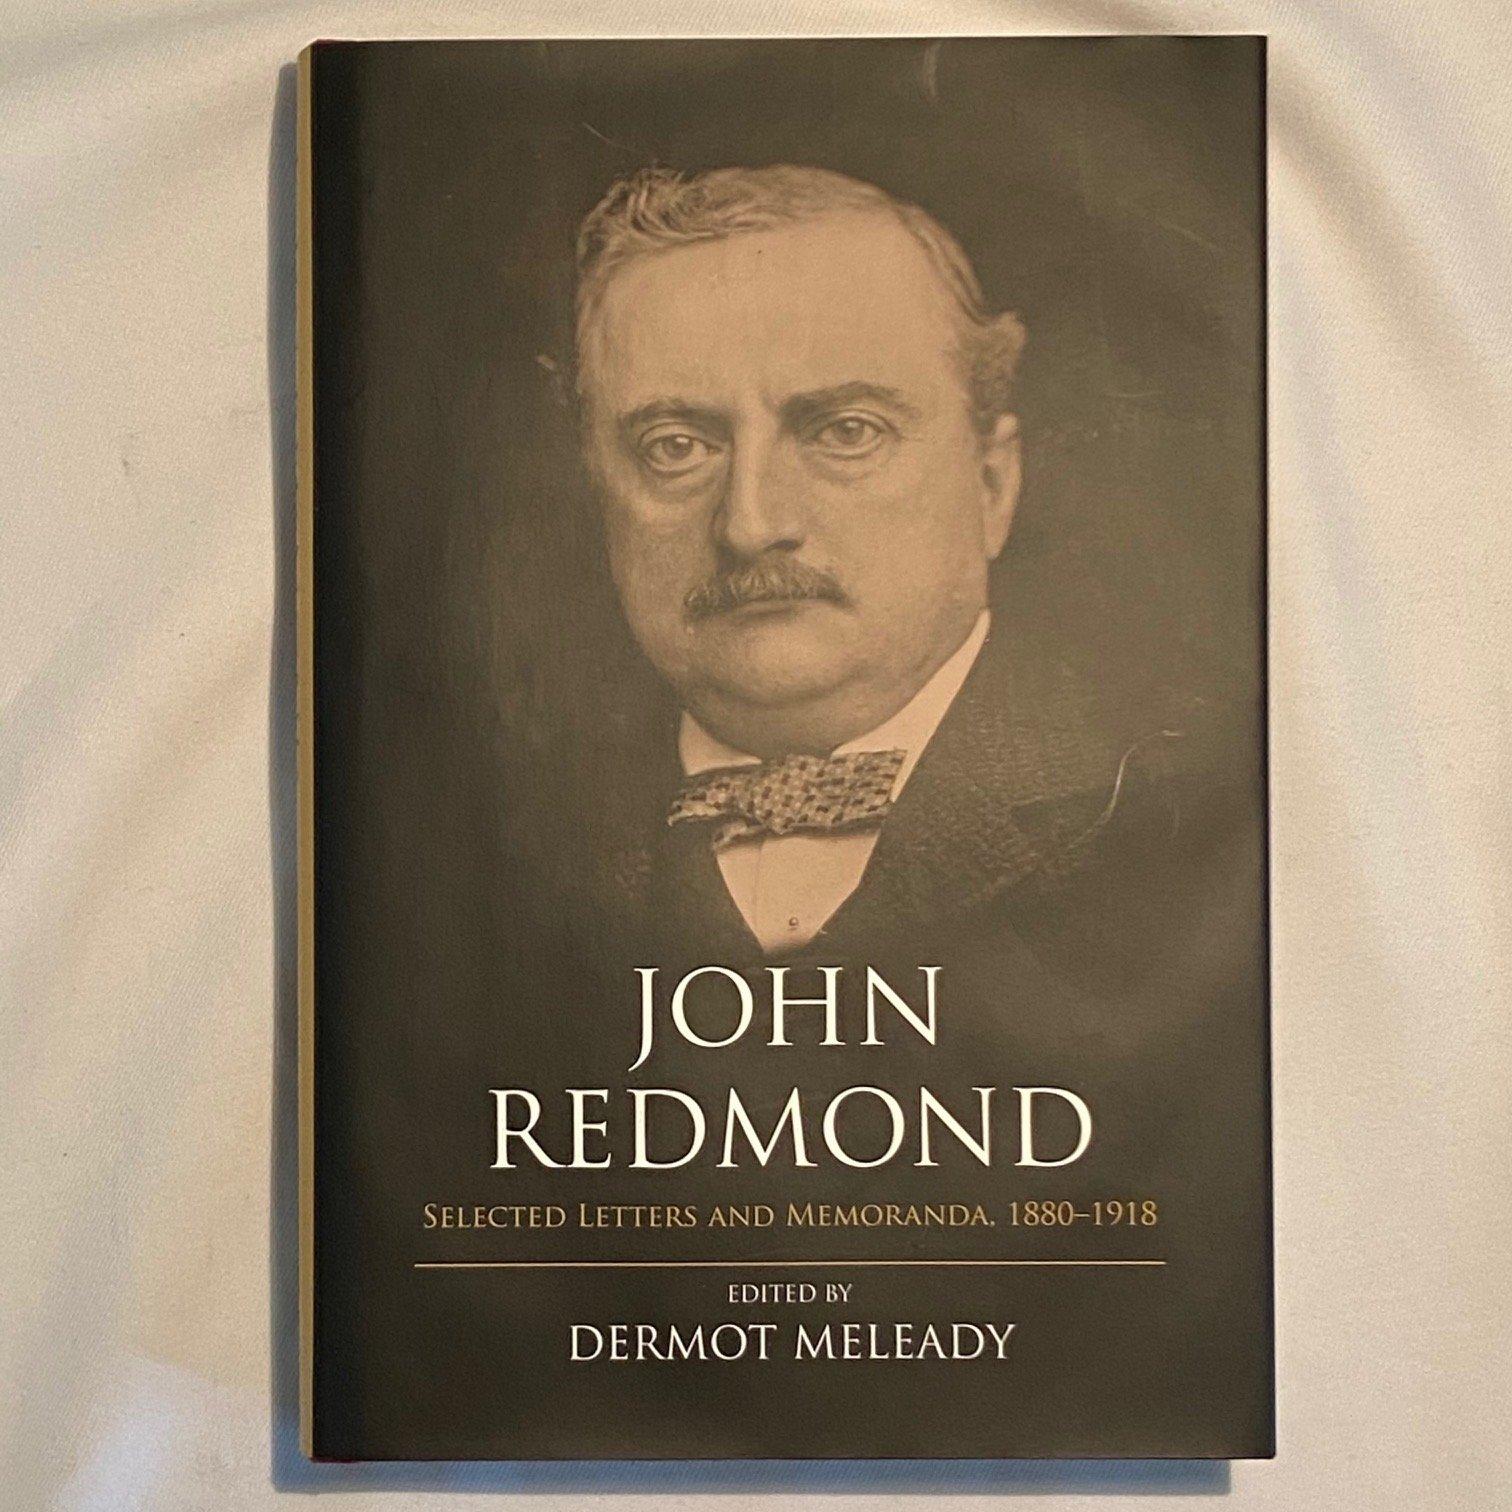 Image of John Redmond - Selected Letters and Memoranda, 1880–1918